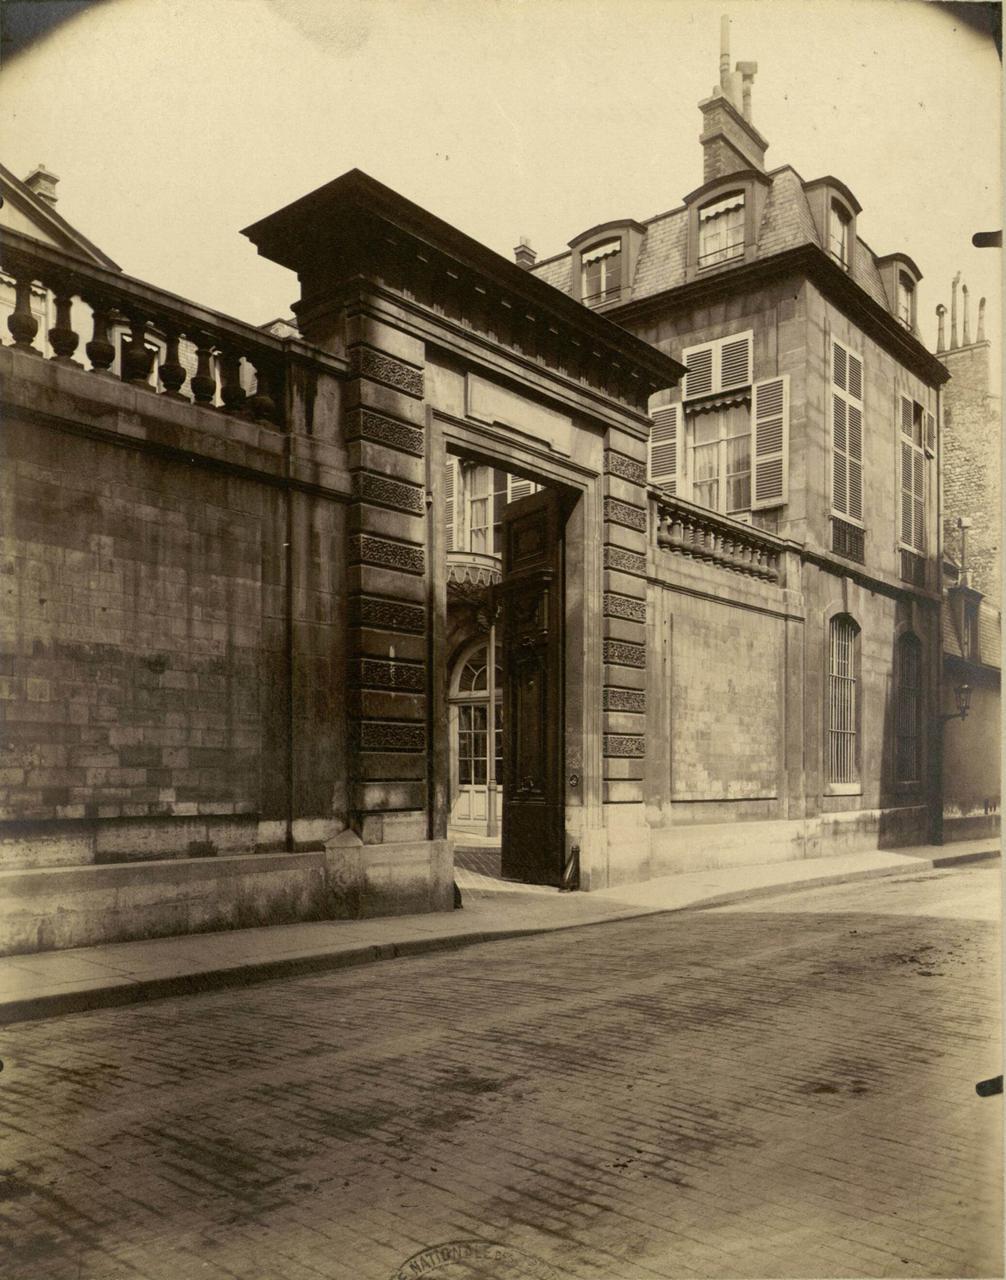 1900. Особняк де Кастри. Улица Варен, 72